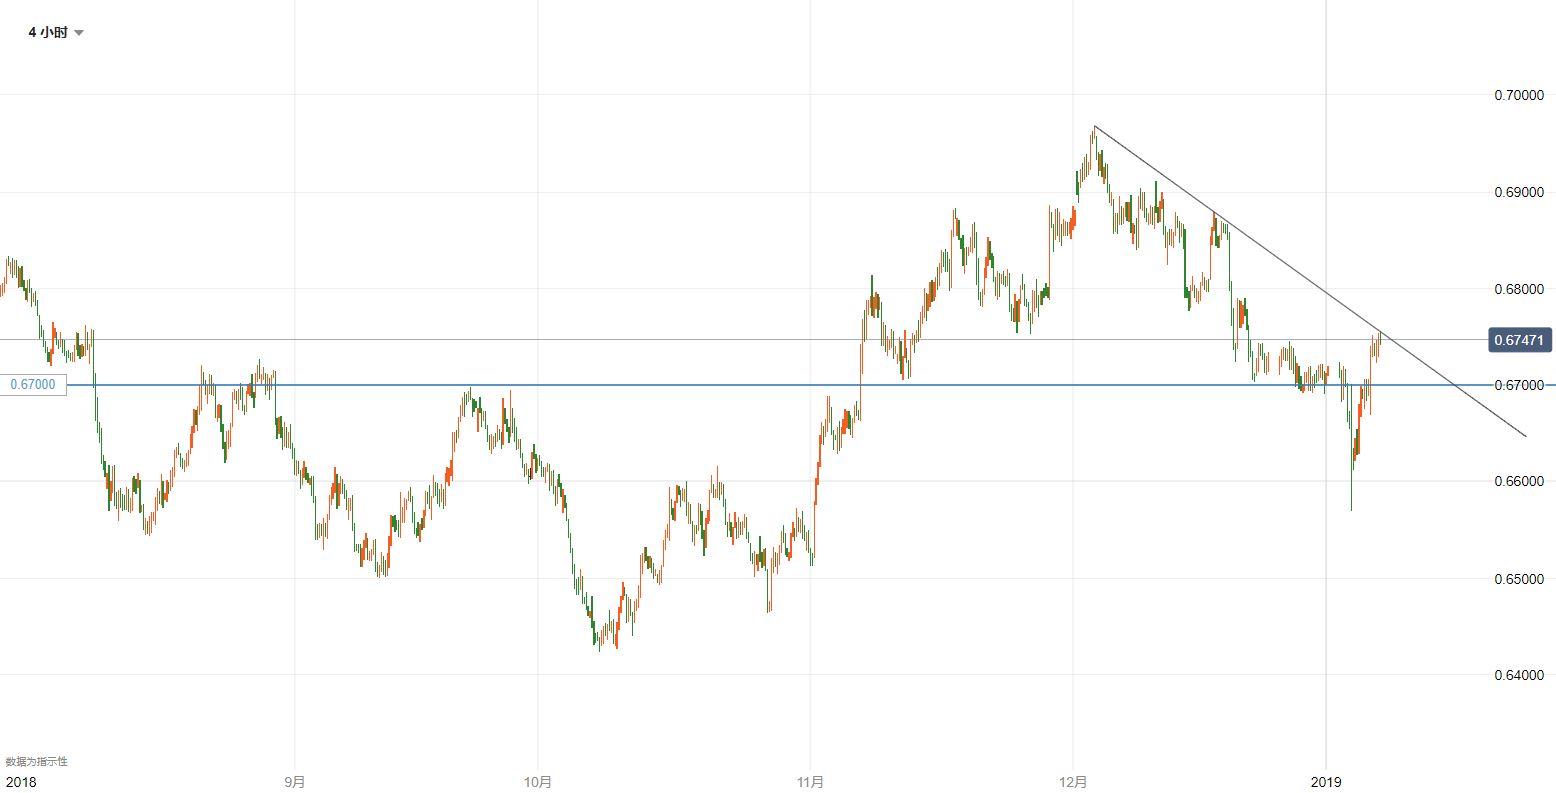 纽元/美元技术分析:关注当前位置附近的突破情况